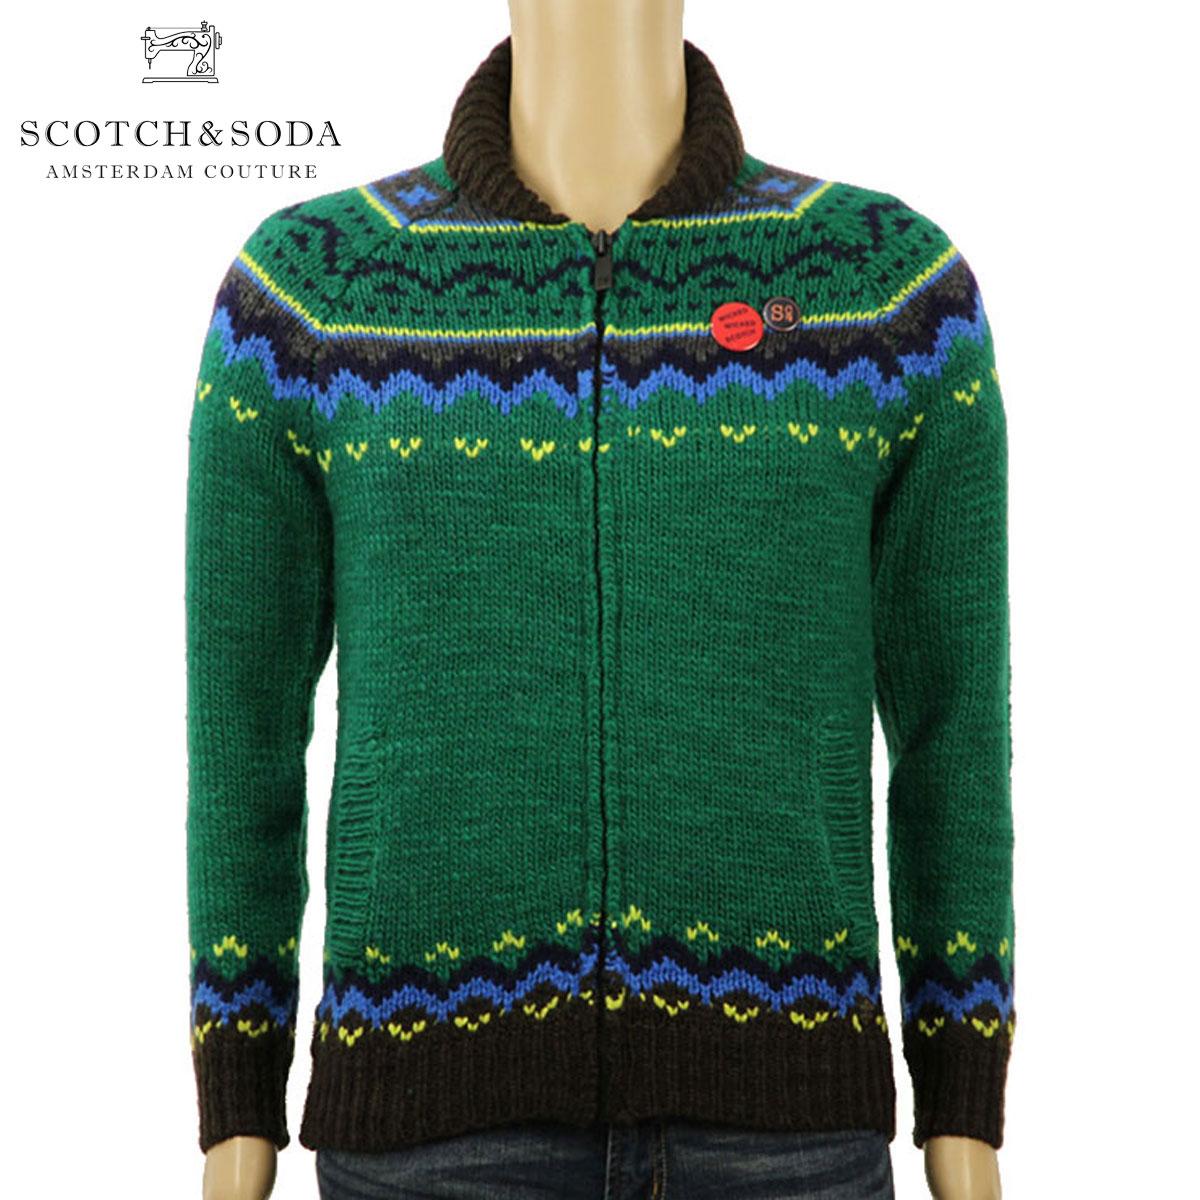 スコッチアンドソーダ SCOTCH&SODA 正規販売店 メンズ セーター Zip-thru cardigan in chunky slub yarn knit 101655 17 D00S20